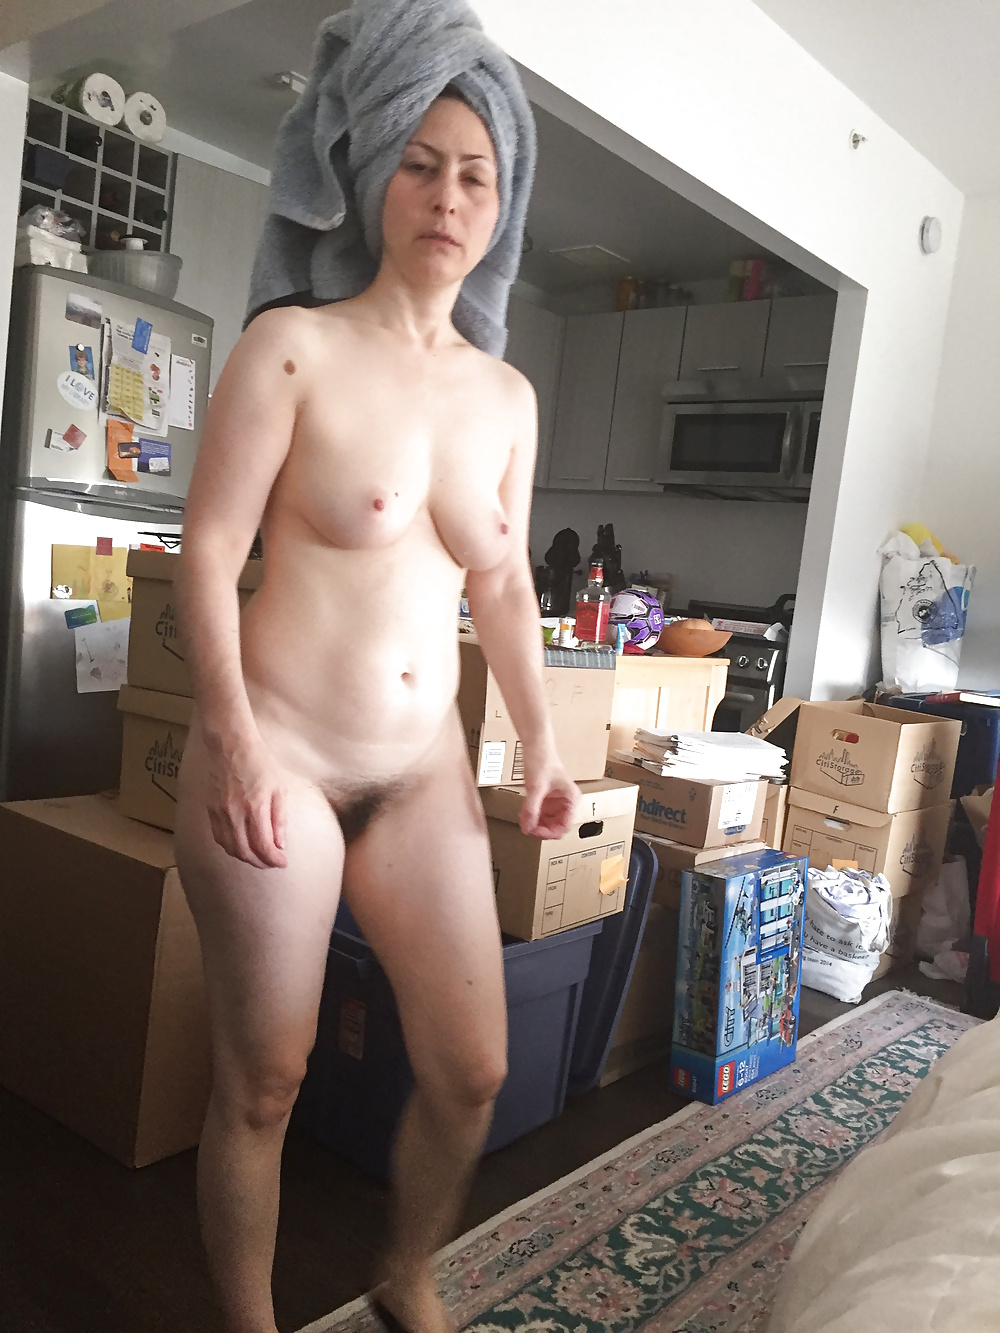 Nackte Frau wandelt zu Hausen. - Bild 5